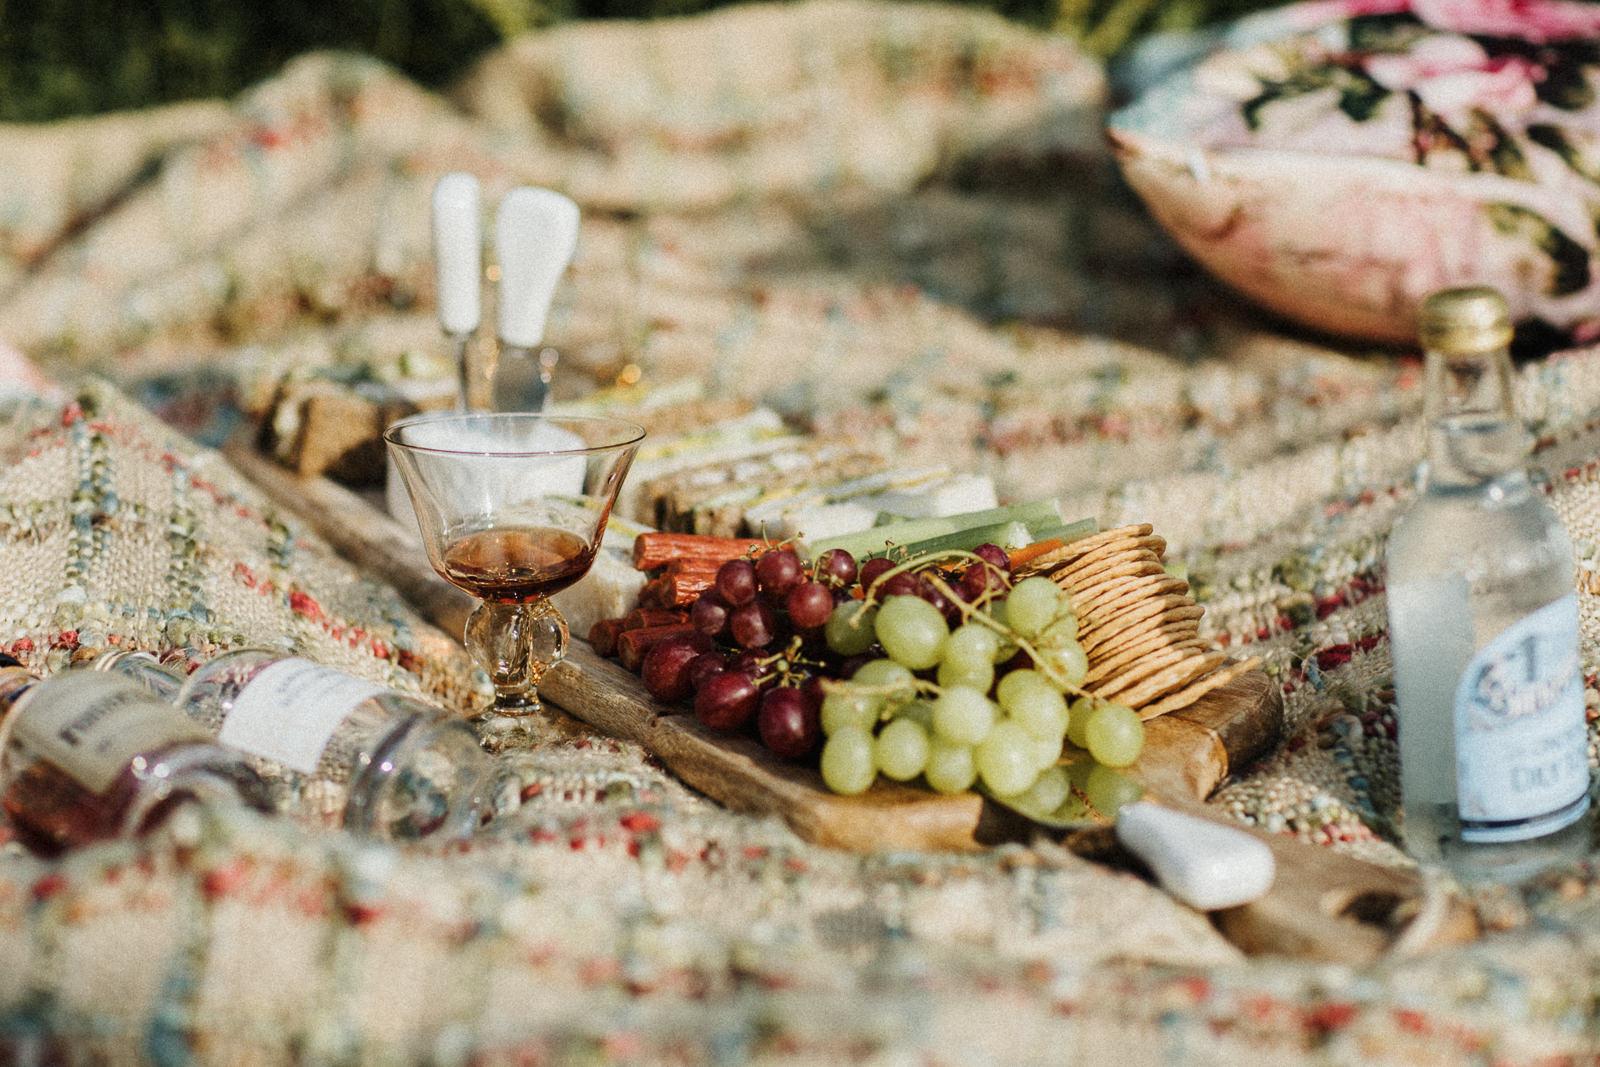 picnic details